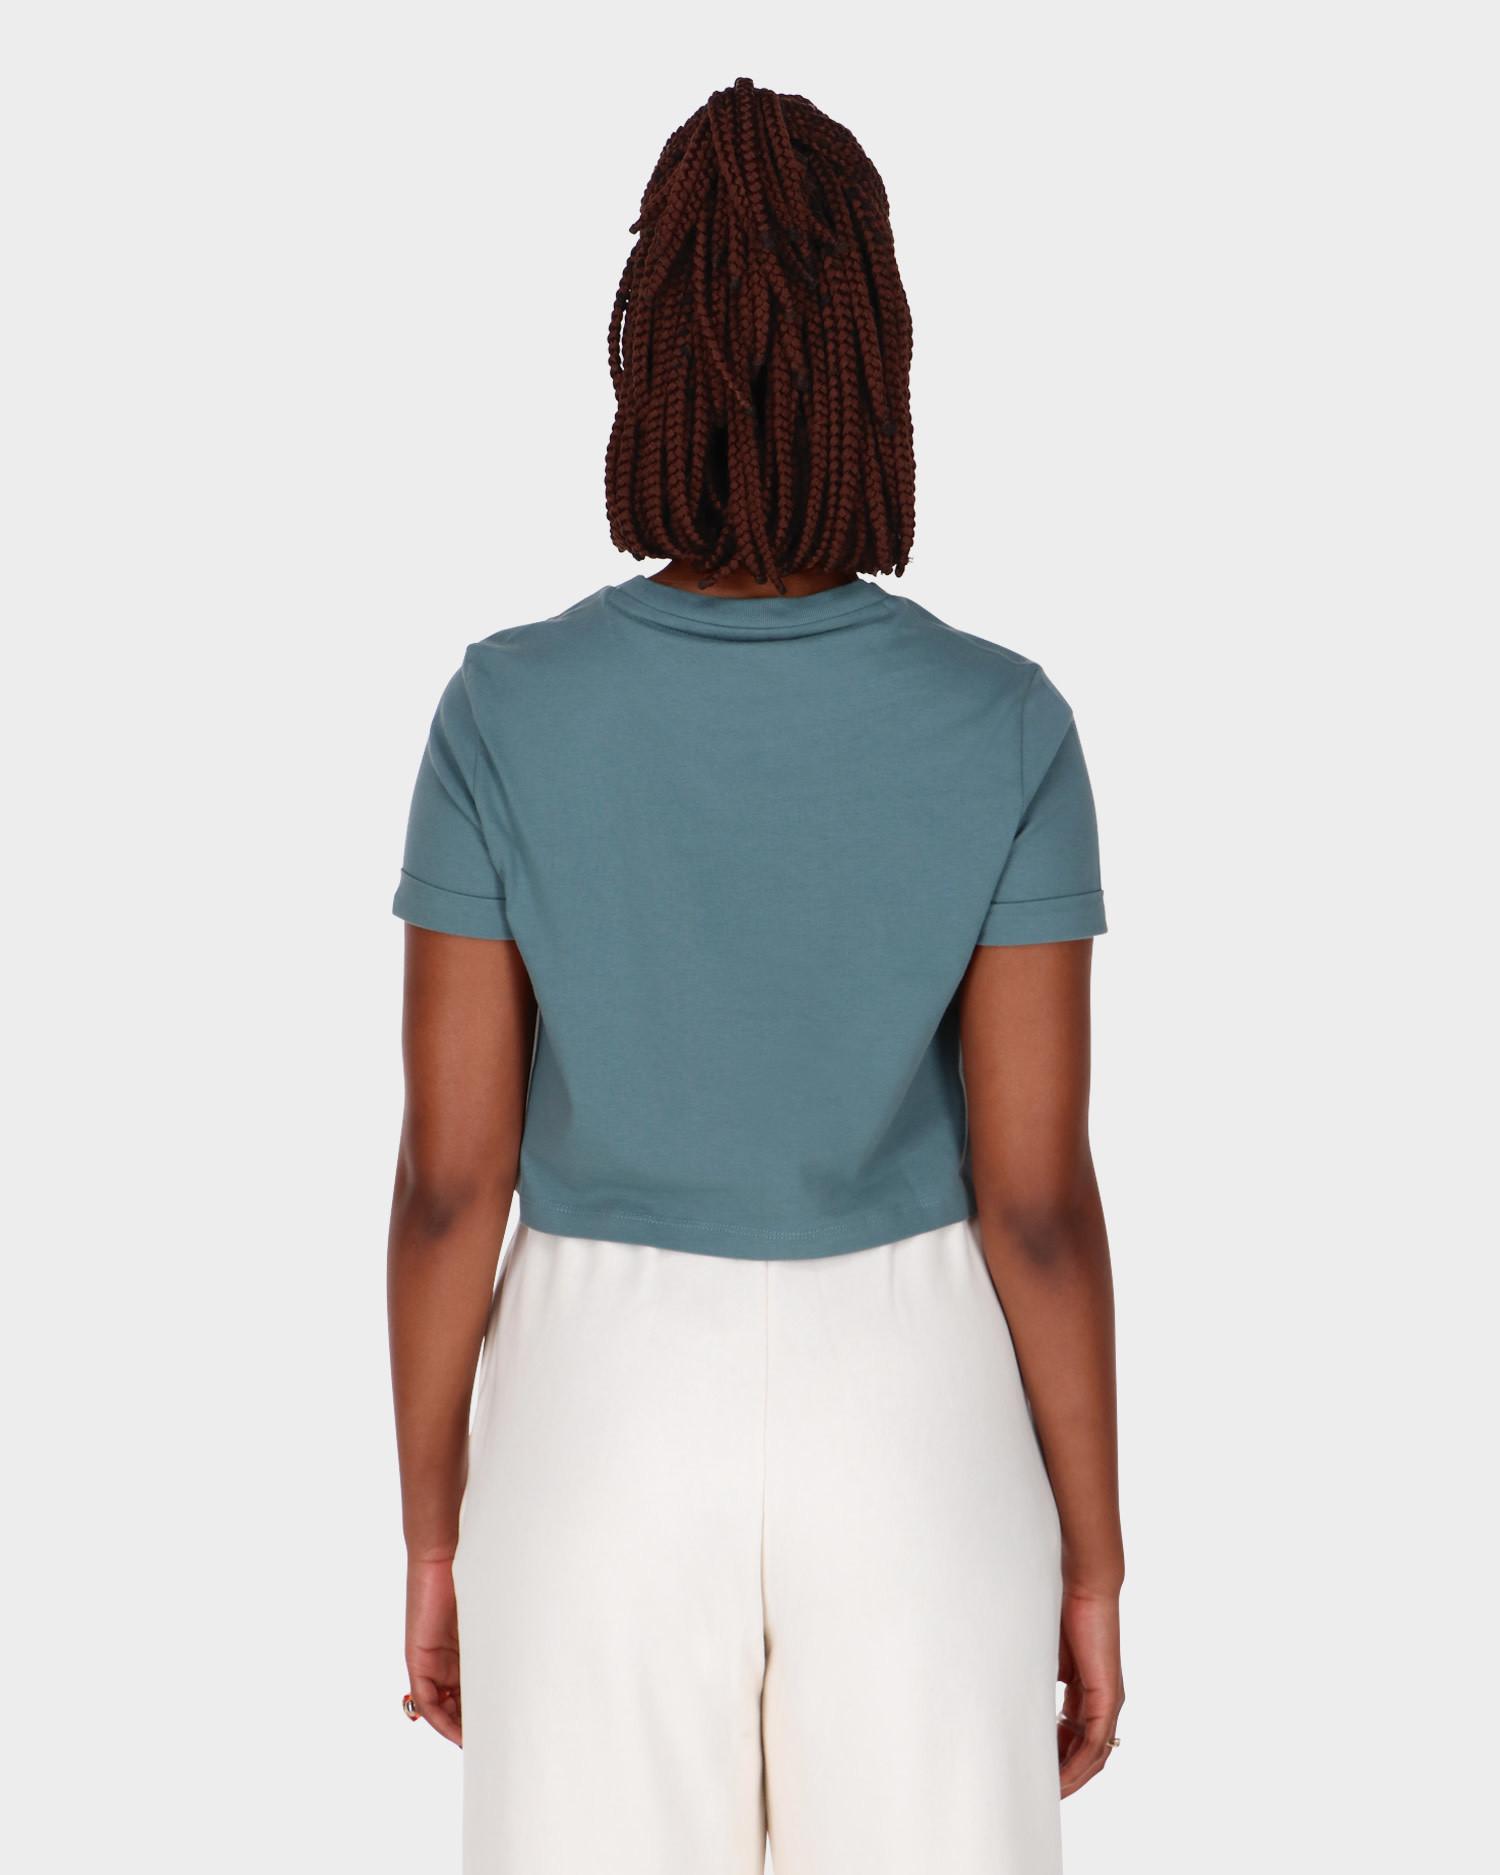 Adidas Crop Top Hazy Emerald